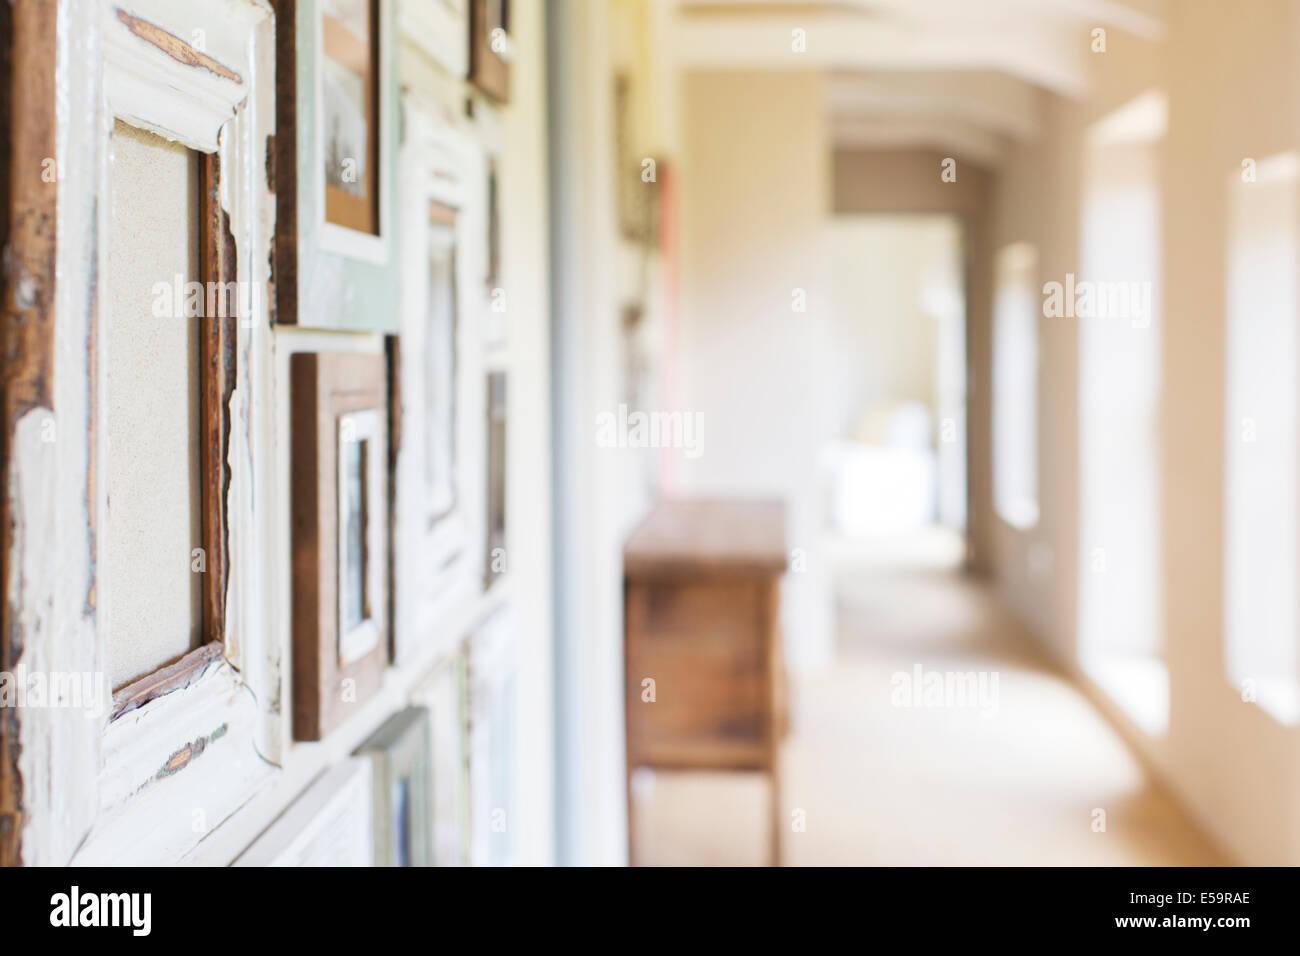 Parete decorativa fotogrammi nel vestibolo rustico Immagini Stock